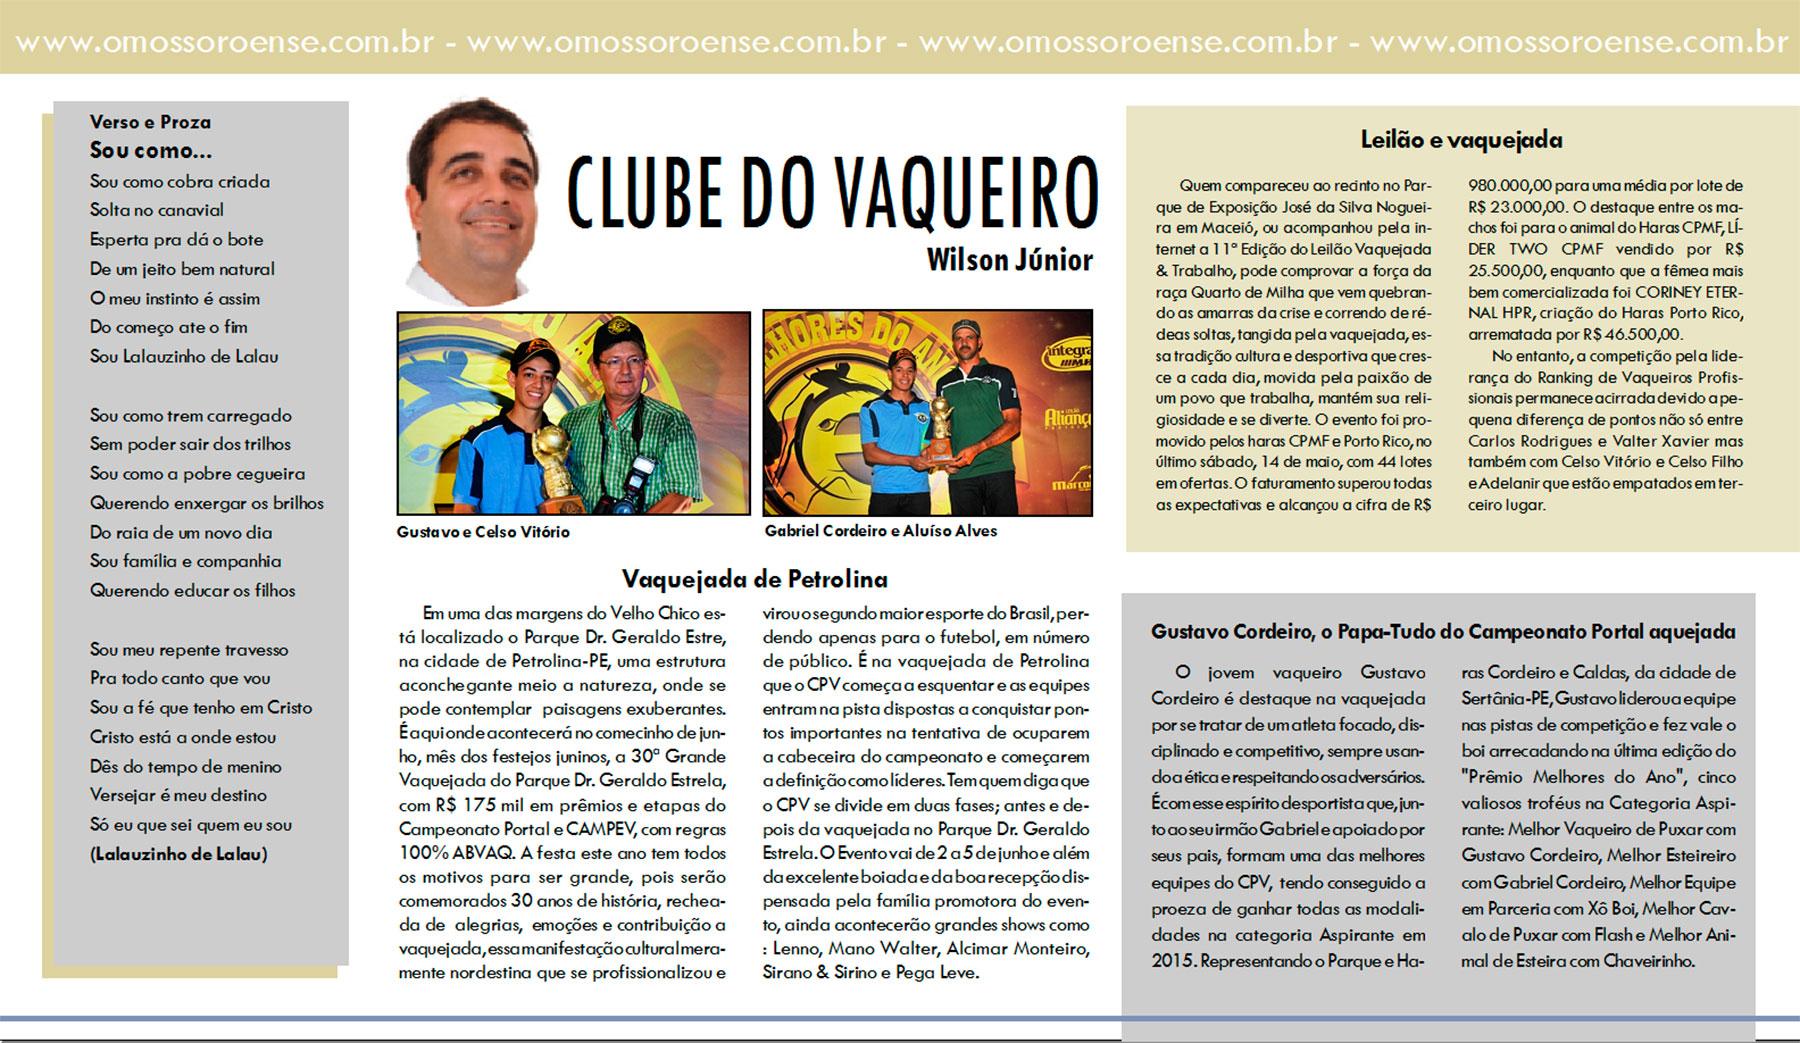 CLUBE-DO-VAQUEIRO---22-05-2016